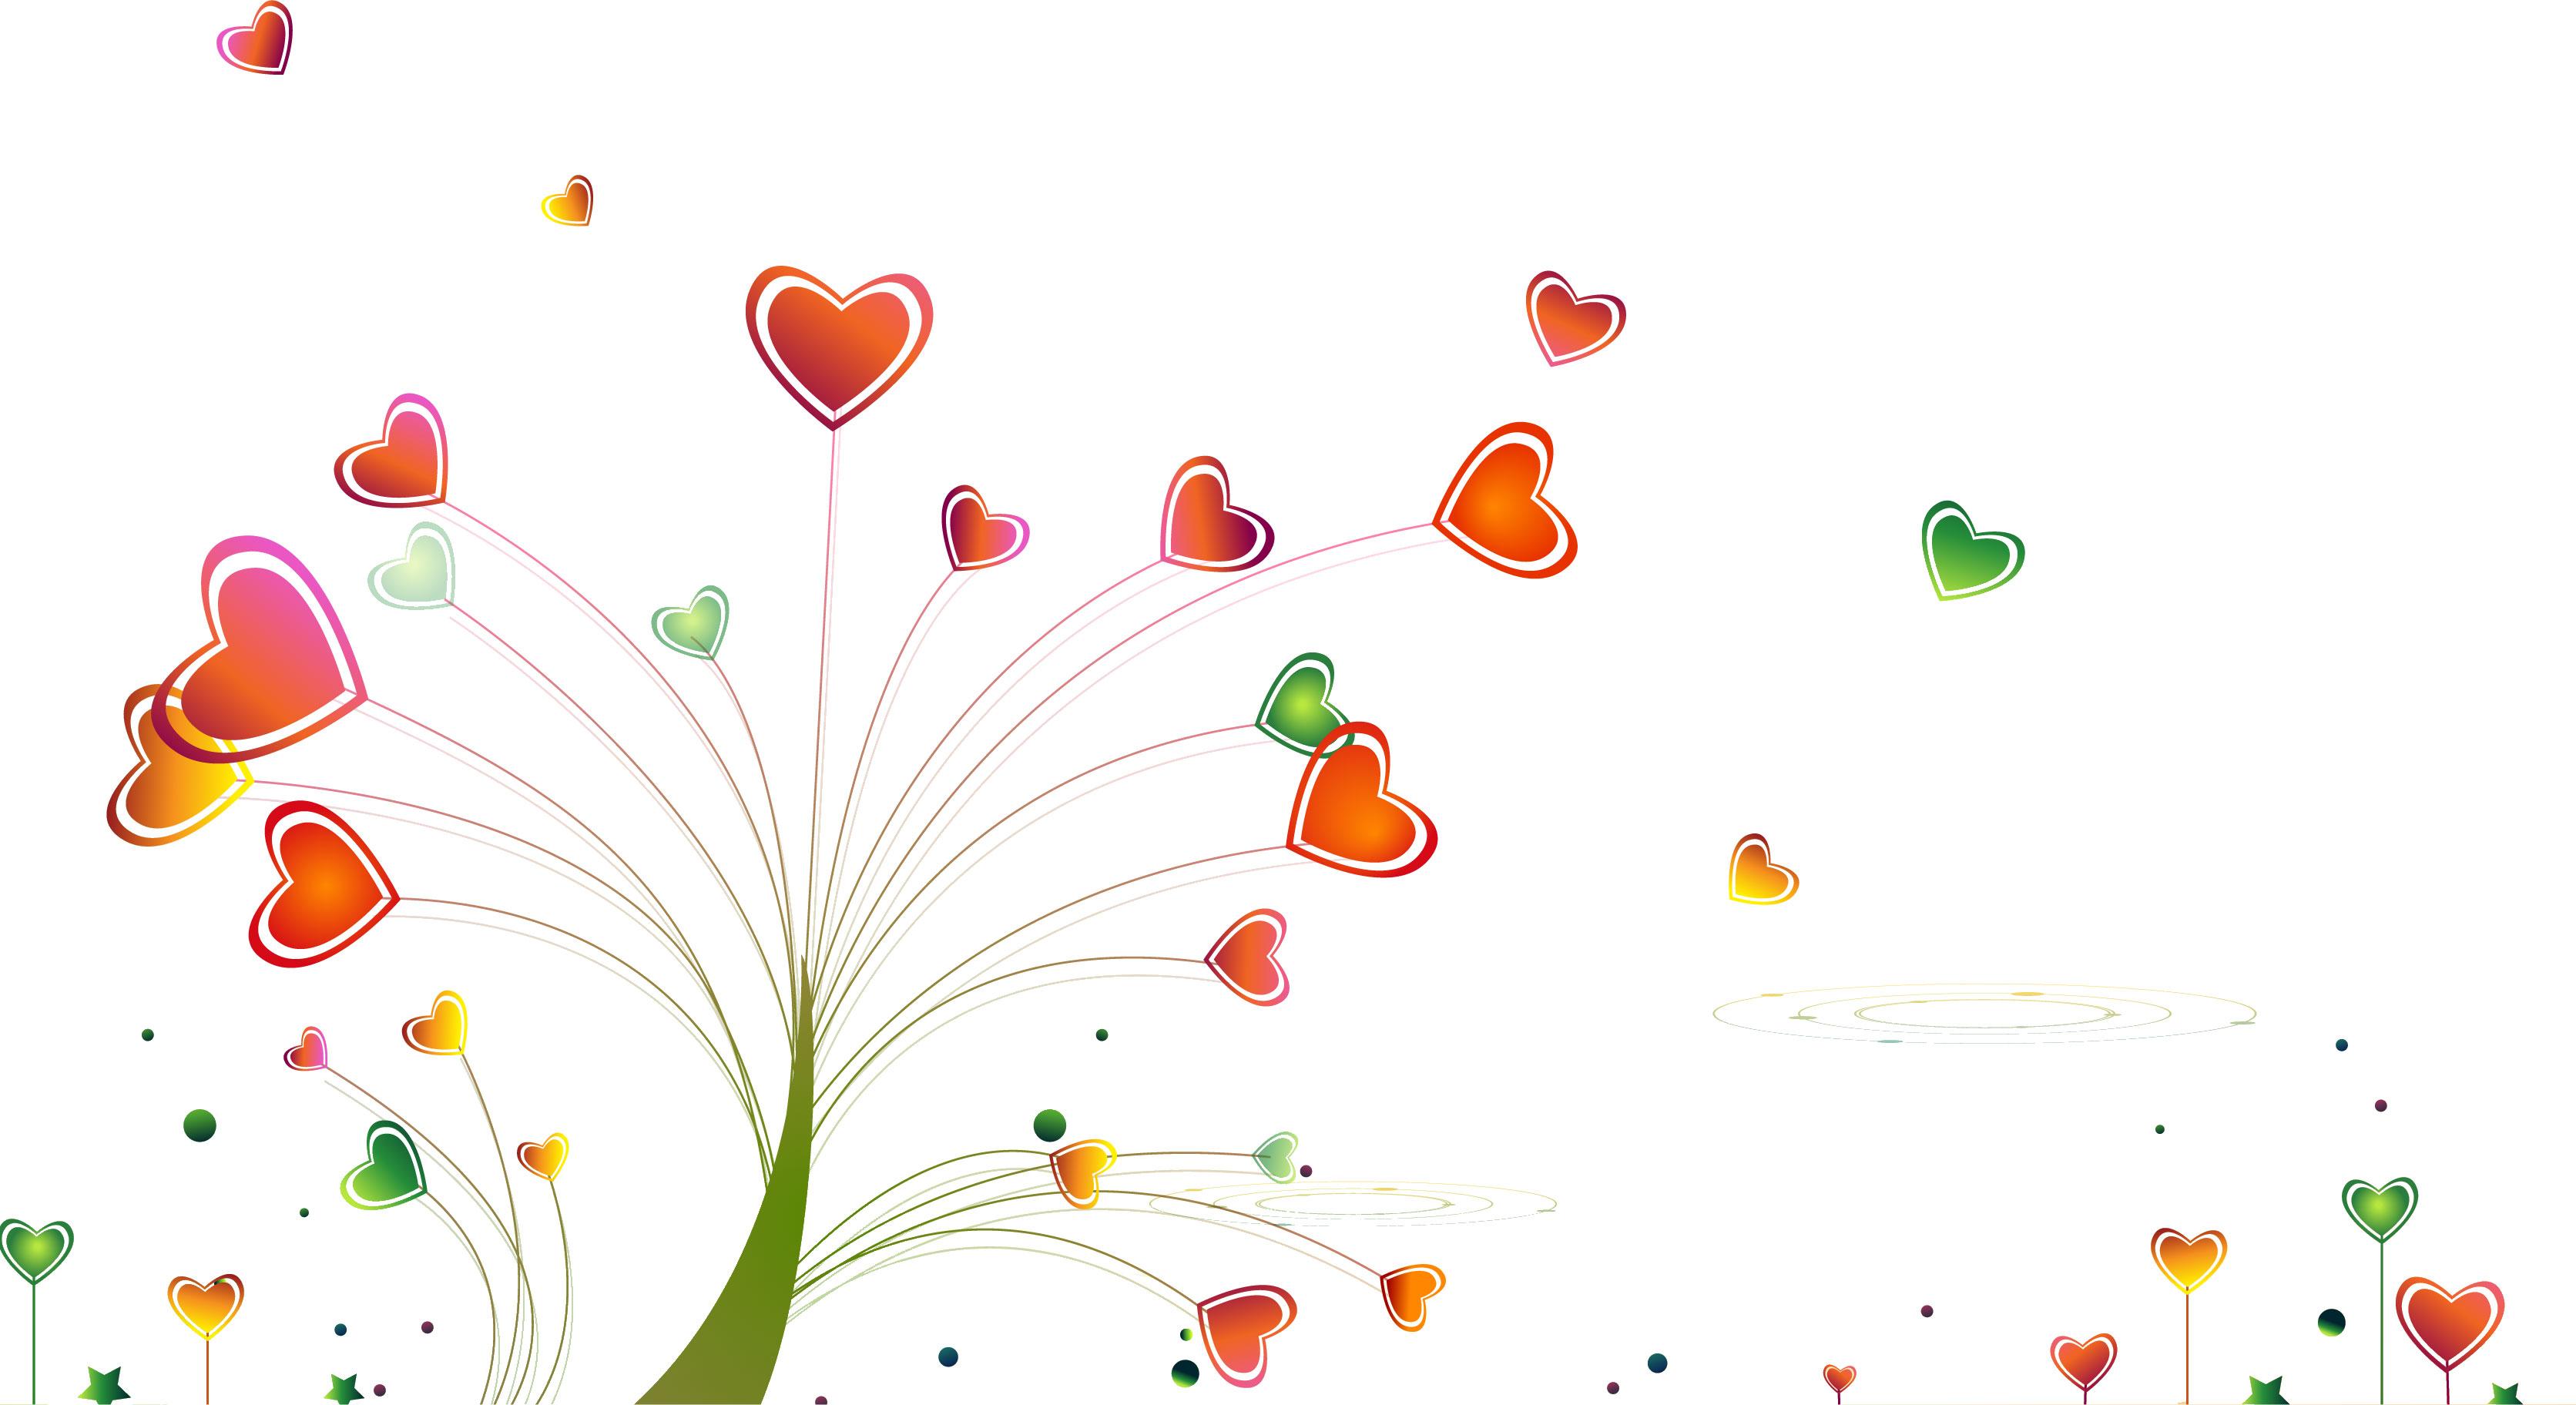 ポップでかわいい花のイラスト・フリー素材/No.129『ハートの